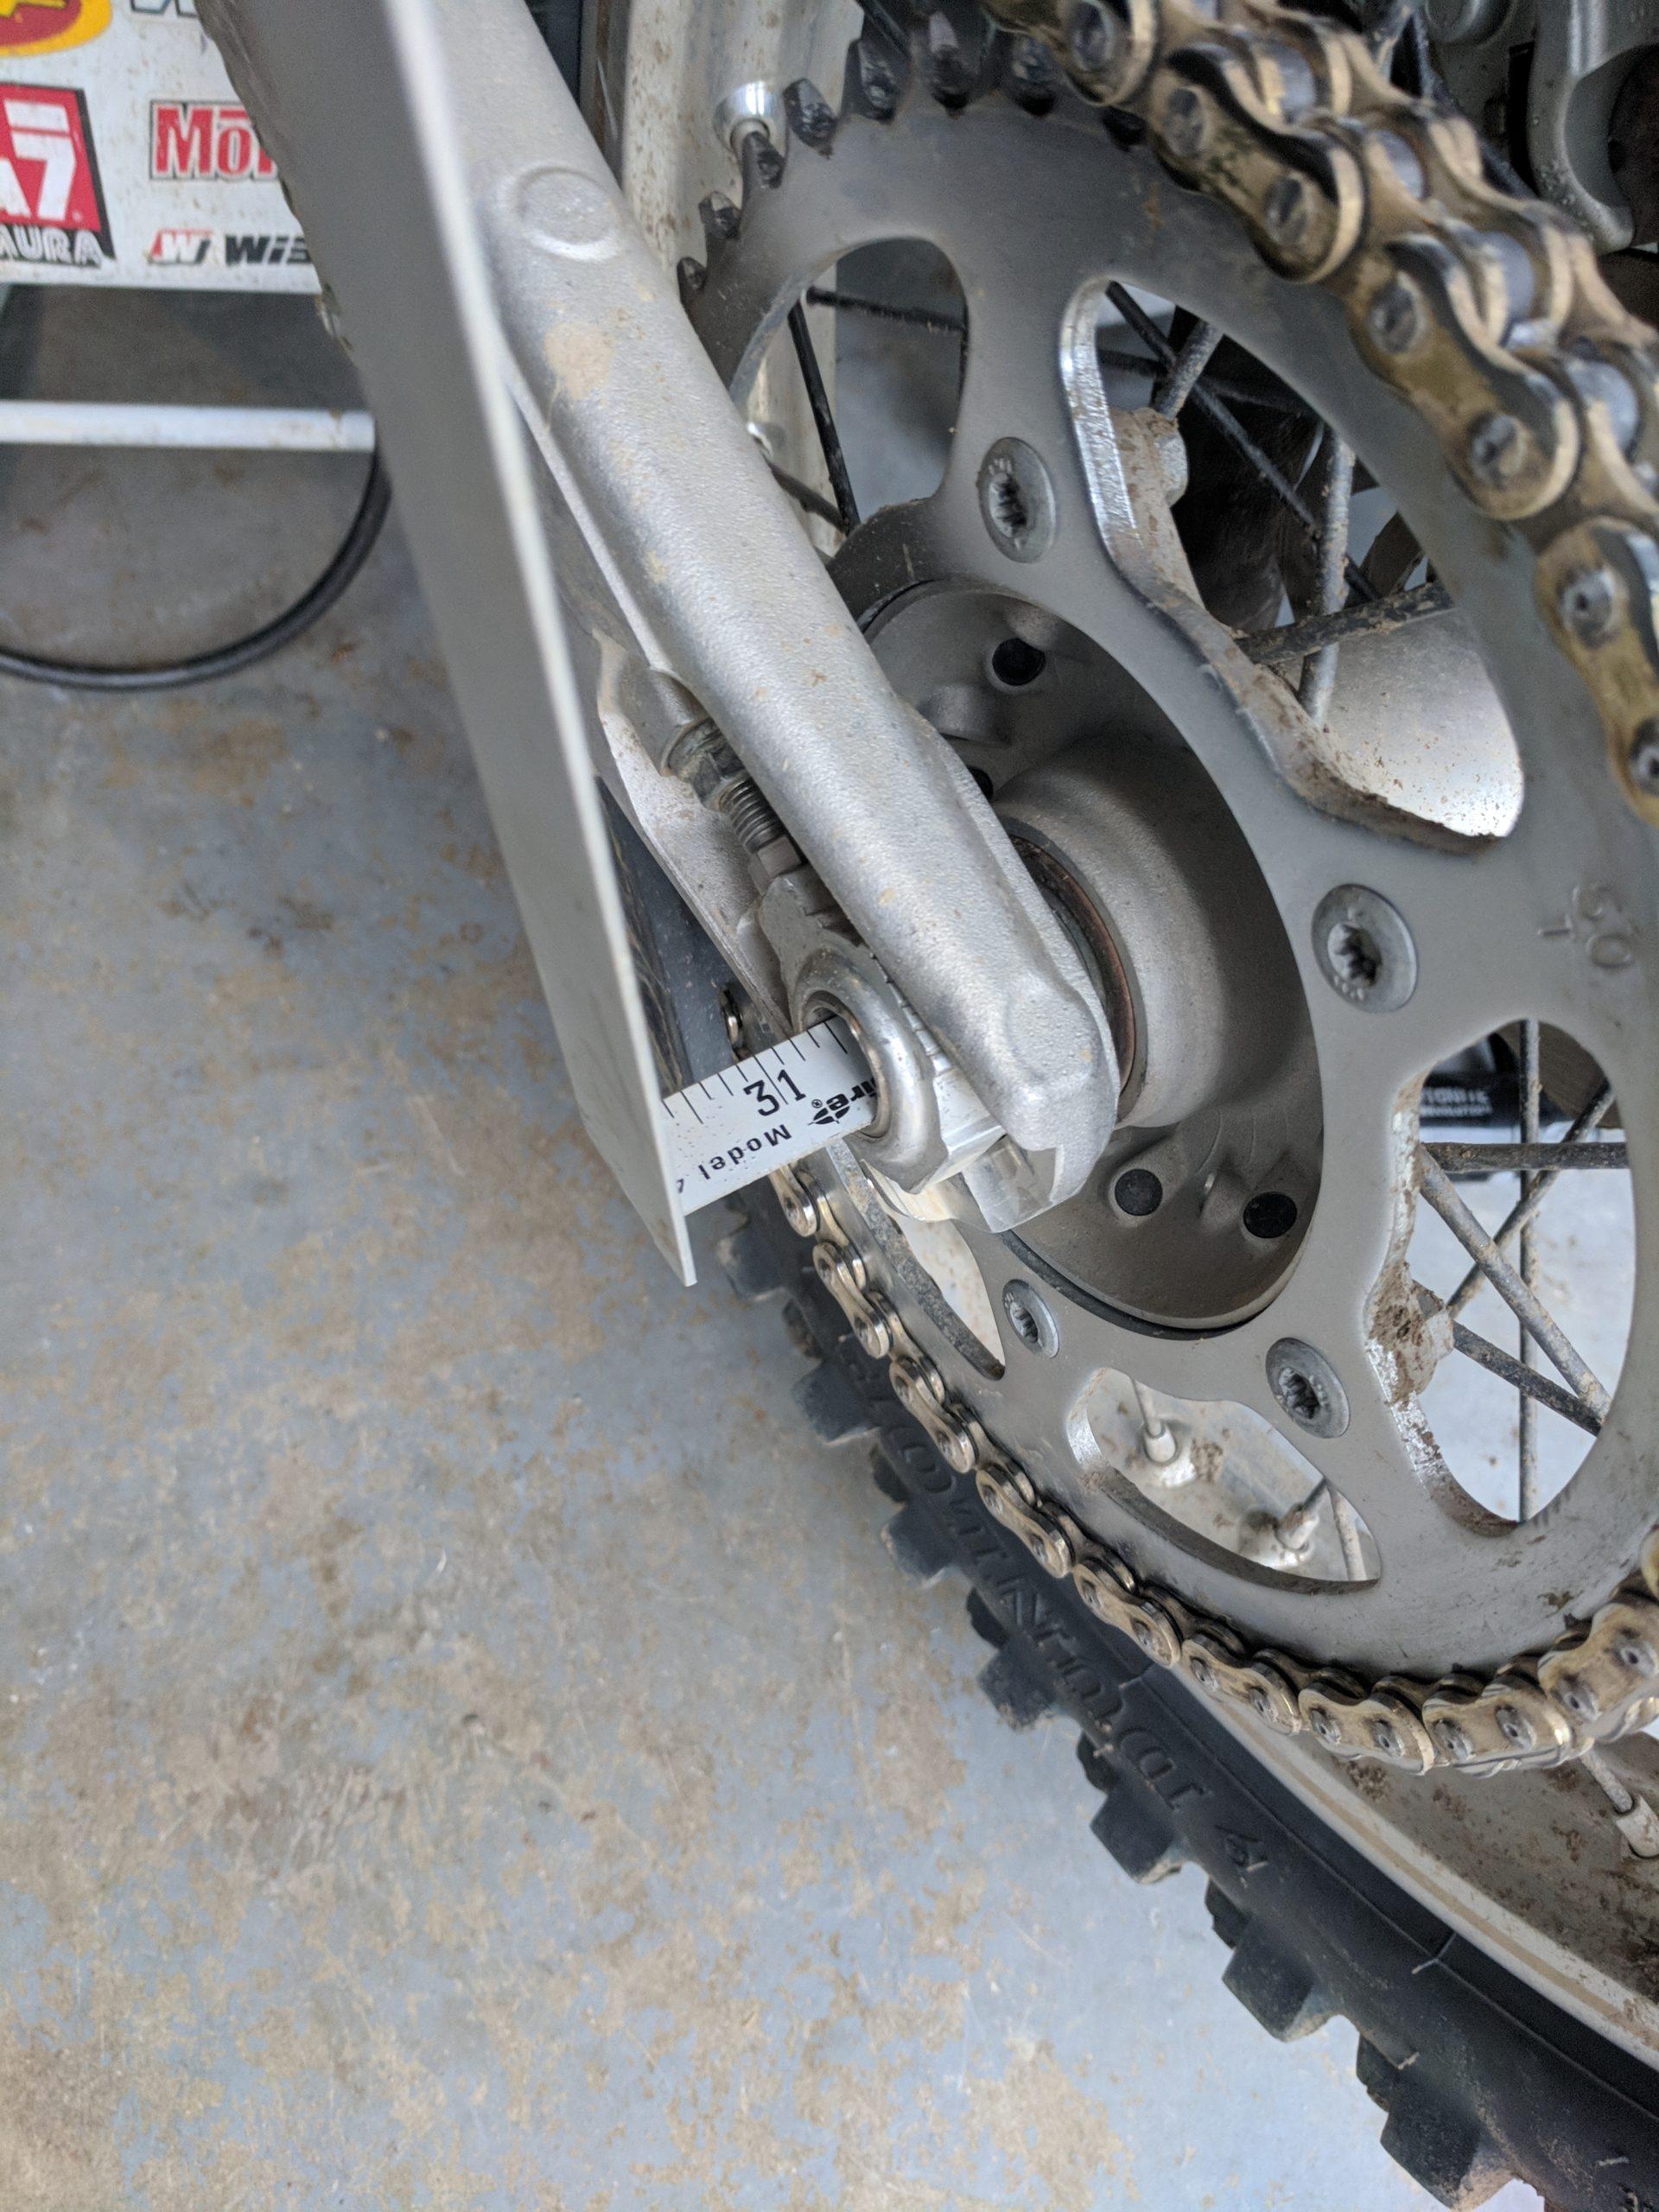 Sag Setting Tool For Dirt Bike Suspension - Horsepower Hub